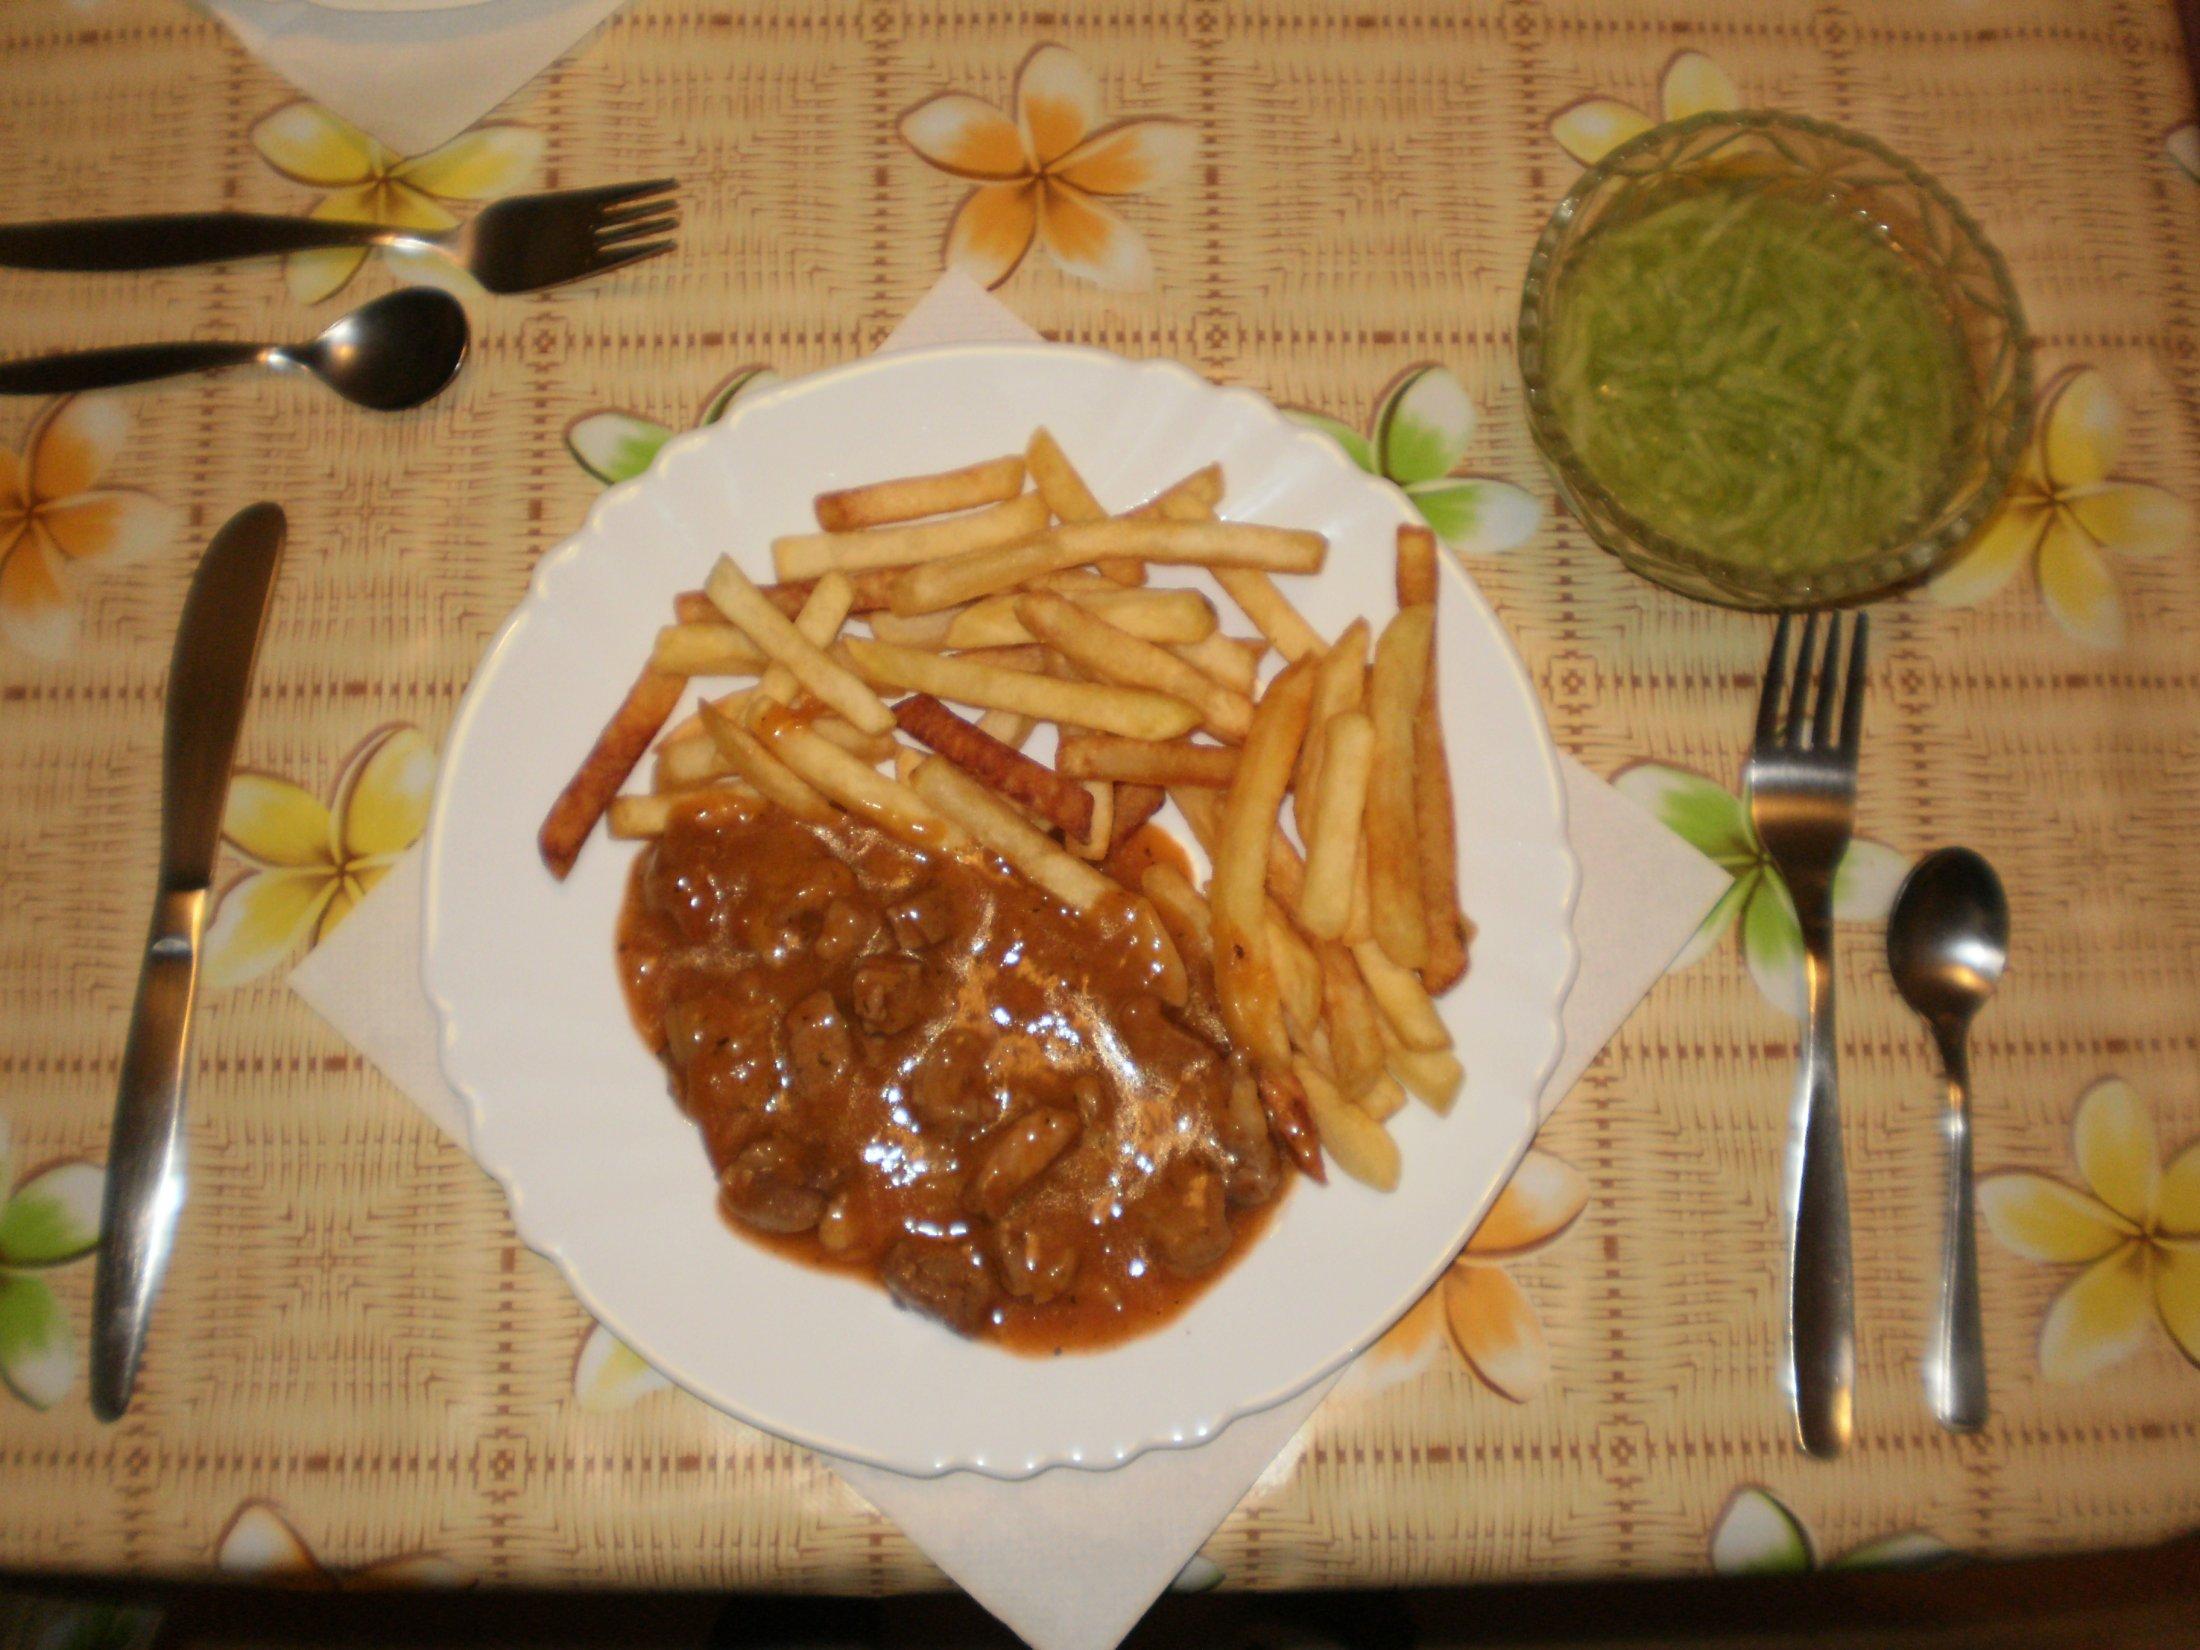 Recept Vepřové v rajském chilli - Vepřové maso v rajském chilli s hranolky.